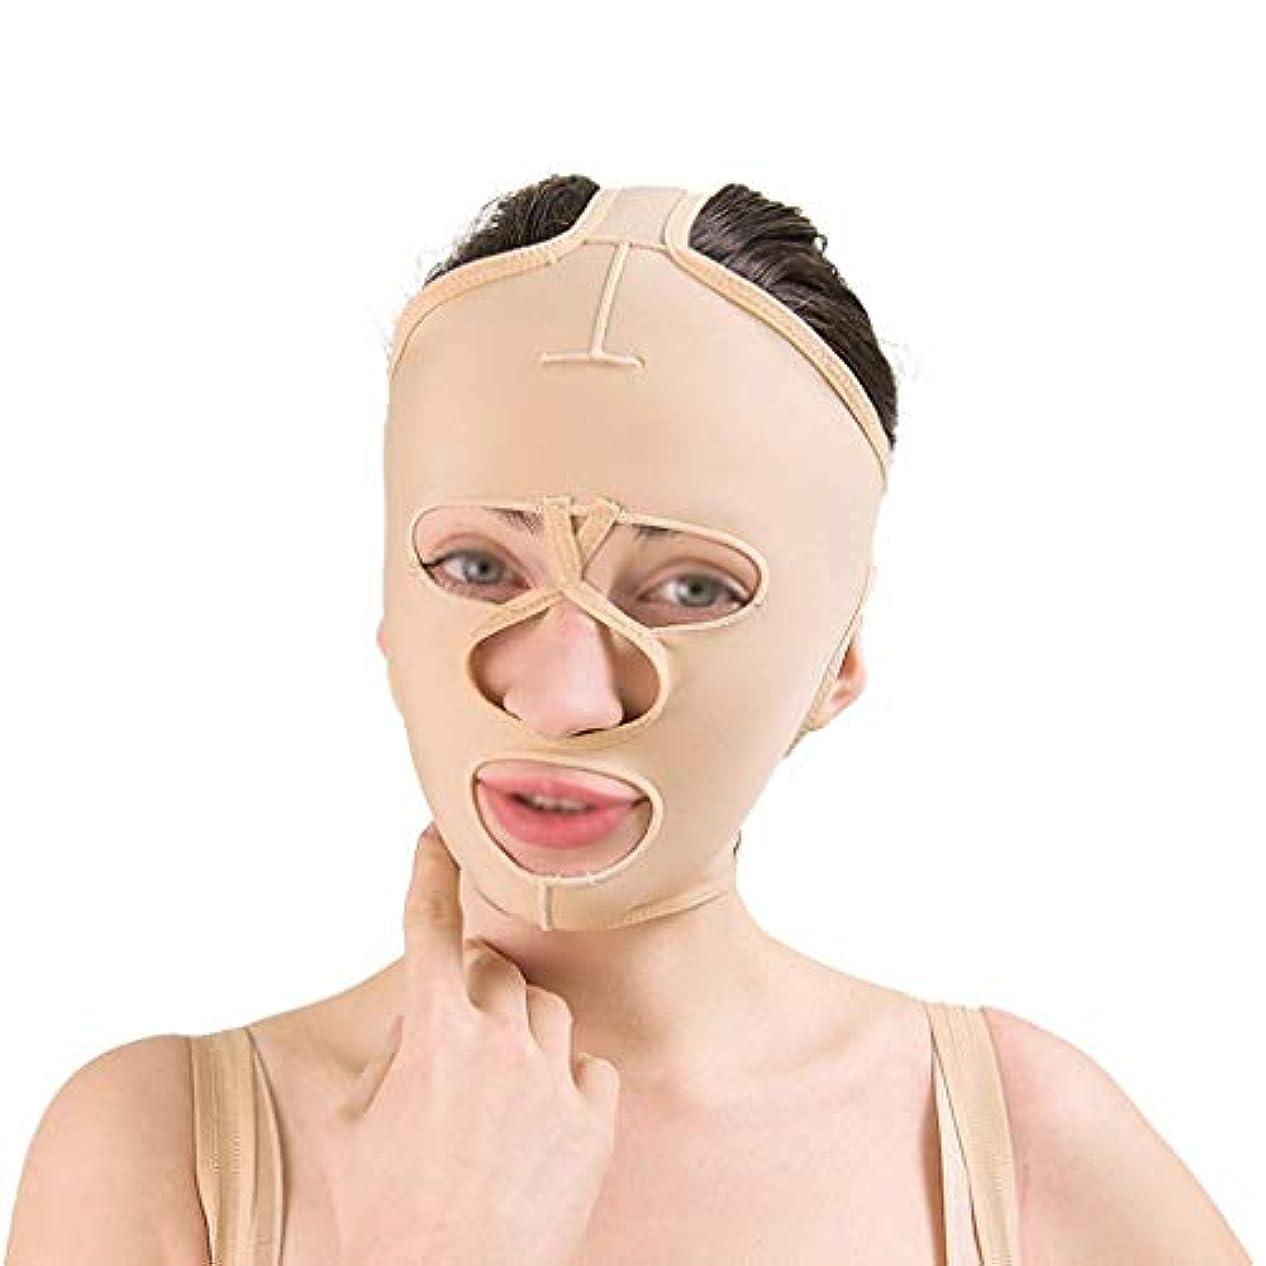 マウントバンク方法ジャズフェイシャルリフティングツール、フェイシャルビューティーリフティングマスク、通気性引き締めリフティングフェイシャル包帯、フェイシャルタイトバンデージ(サイズ:L),ザ?